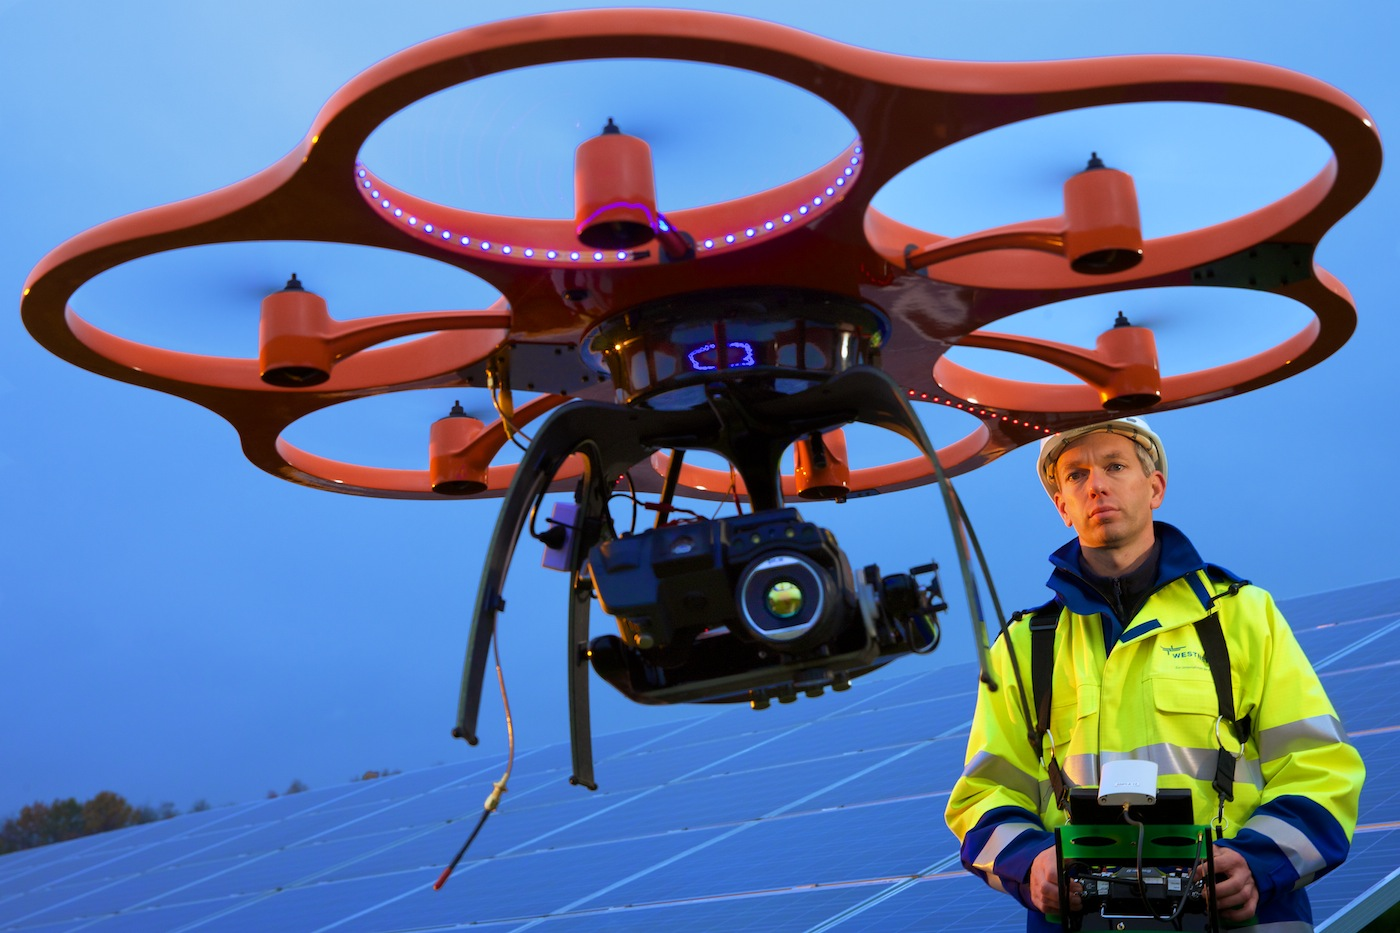 RWE | Wärmebildkameraüberwachung von Solarzellen-Anlagen